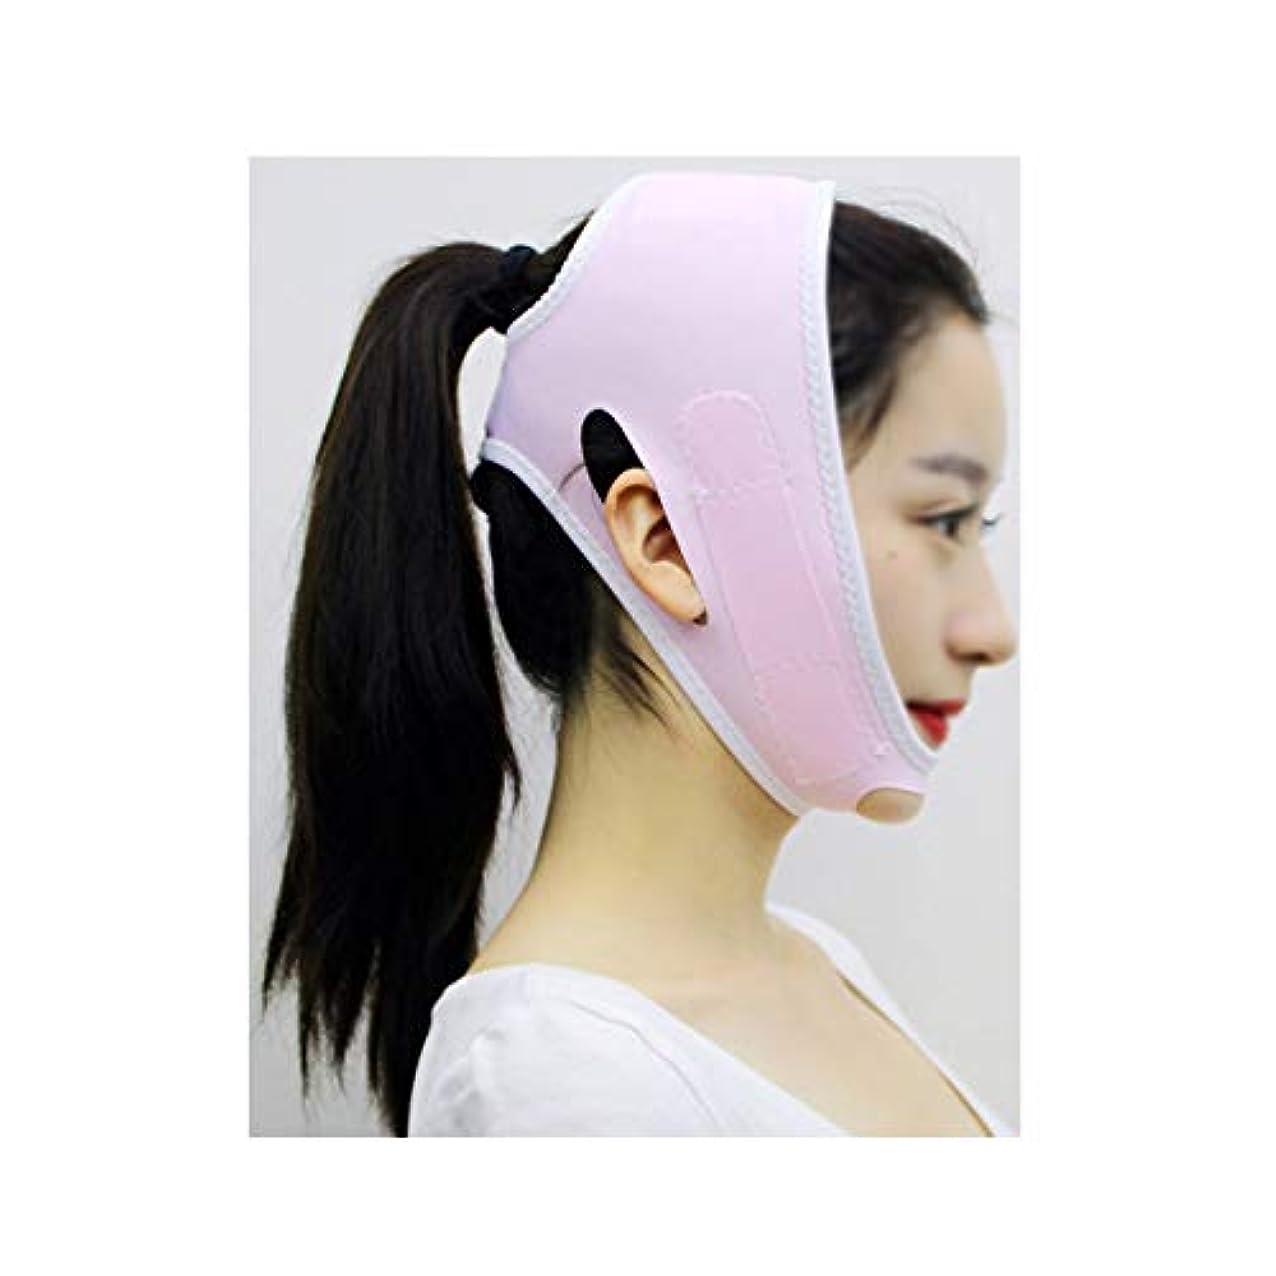 プレゼン小屋ダブルTLMY フェイシャルリフティングマスクあごストラップ修復包帯ヘッドバンドマスクフェイスリフティングスモールVフェイスアーティファクト型美容弾性フェイシャル&ネックリフティング 顔用整形マスク (Color : Pink)